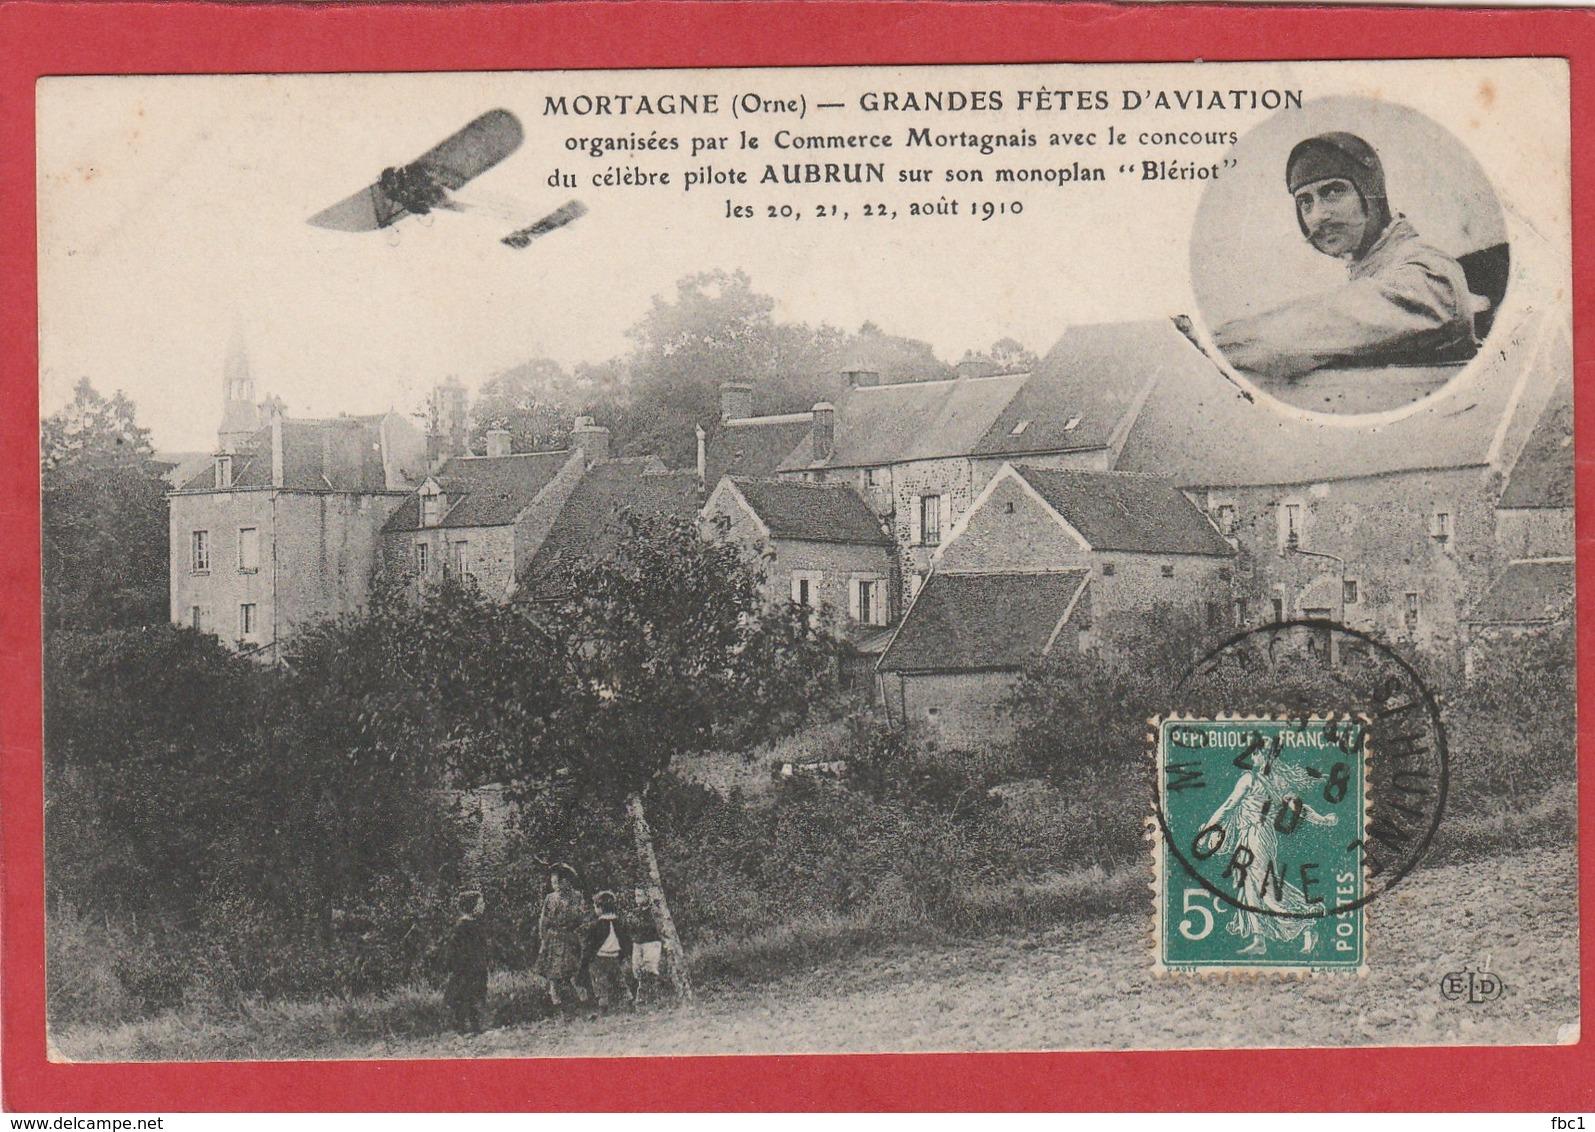 CPA: Mortagne (61) Grandes Fêtes D'aviation - Pilote Aubrun Sur Son Monoplan Blériot Aôut 1910 - Mortagne Au Perche